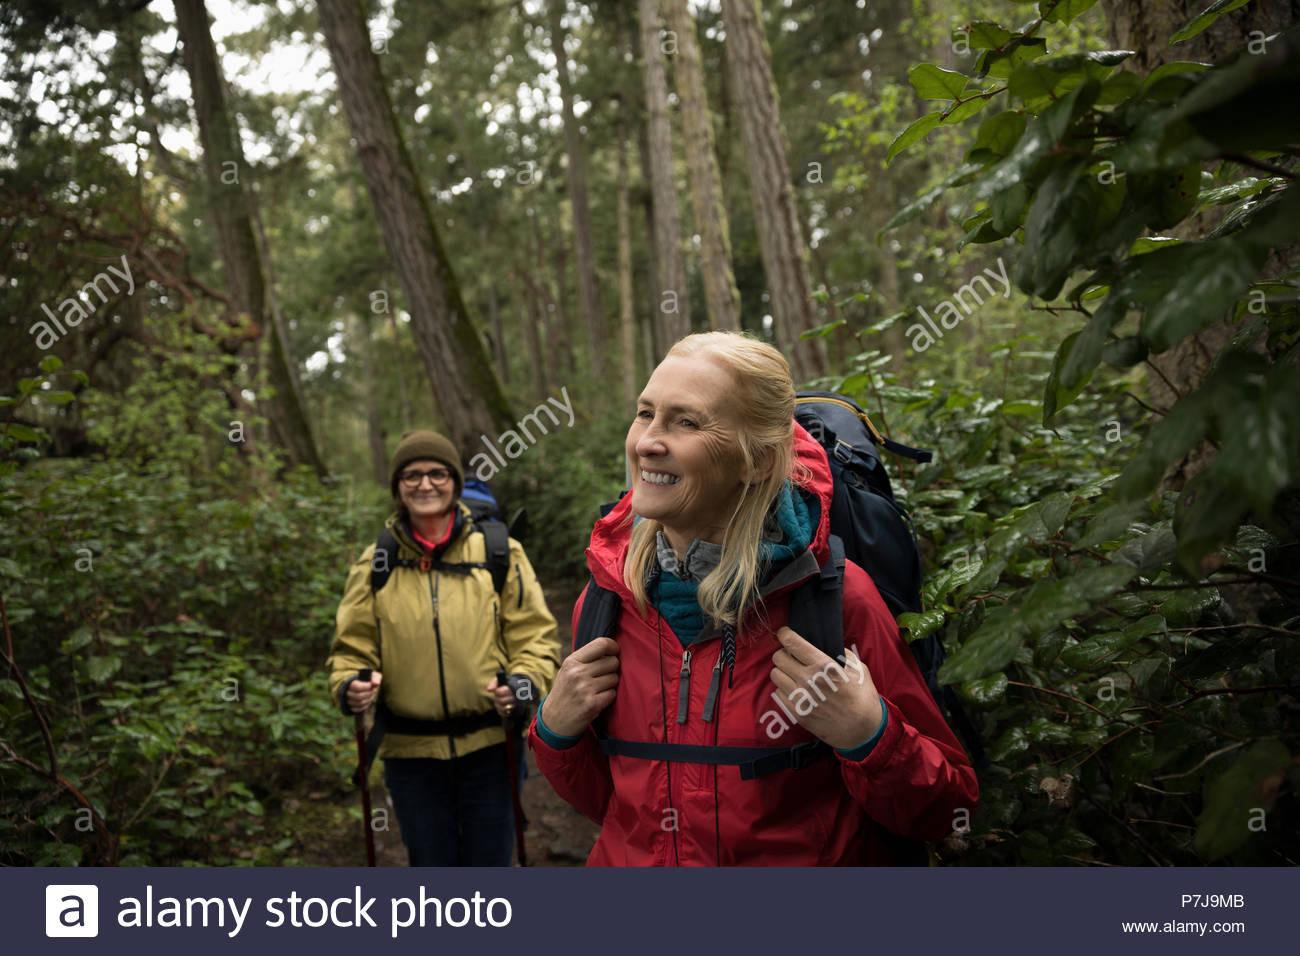 Souriant, carefree senior femmes randonneurs randonnées dans les bois Photo Stock